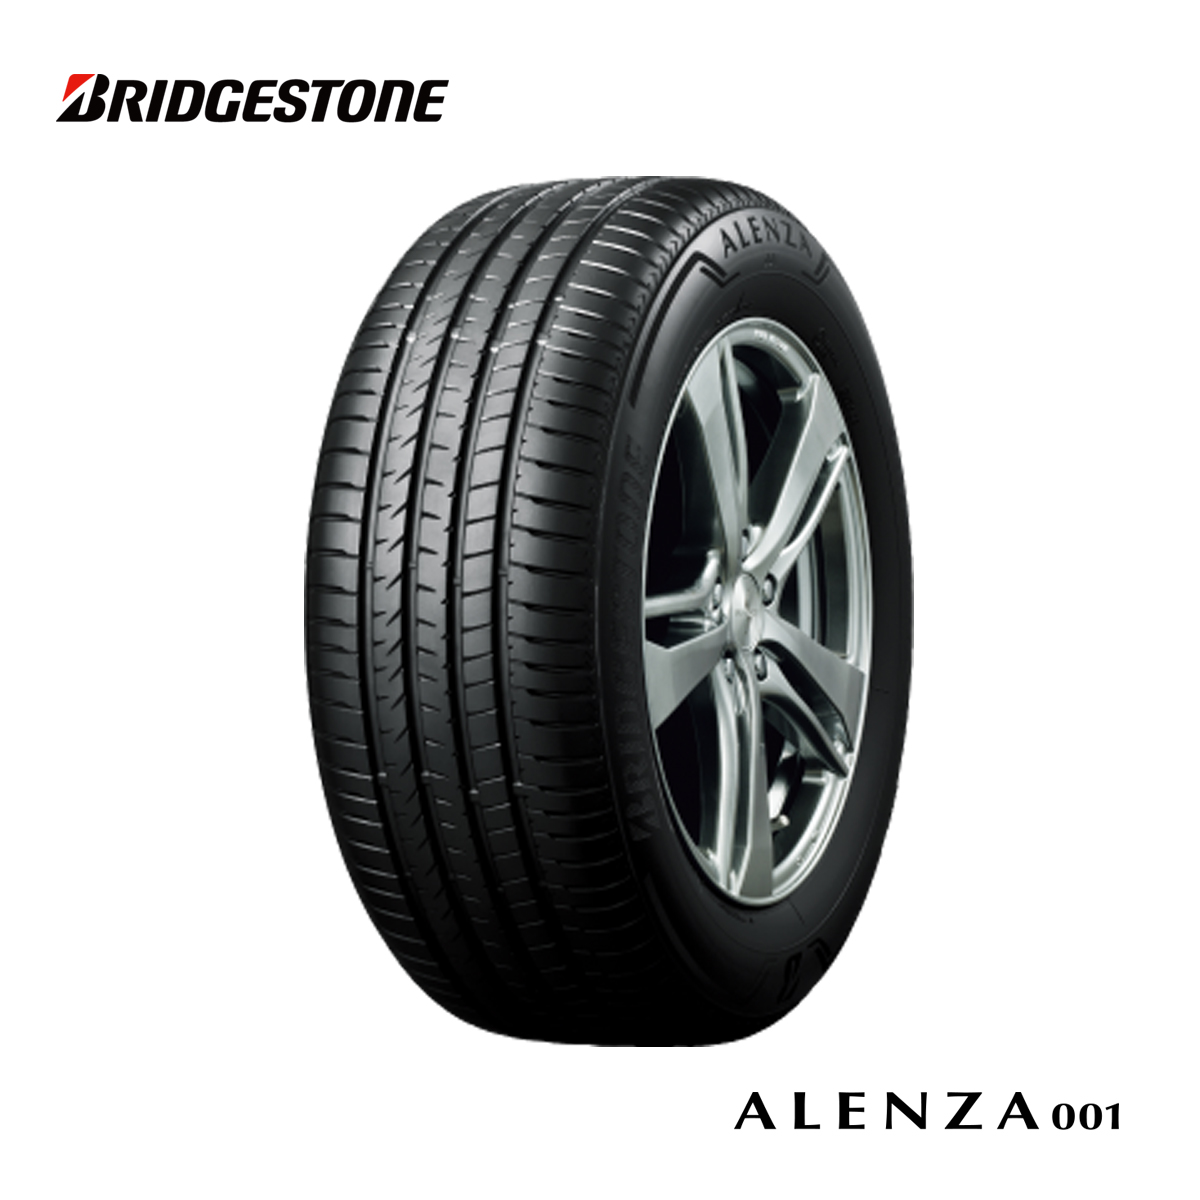 ブリヂストン BS 17インチ タイヤ 235/55R17 235 55 17 アレンザ サマー タイヤ 1本 SUV 夏 サマー タイヤ BRIDGESTONE ALENZA 001